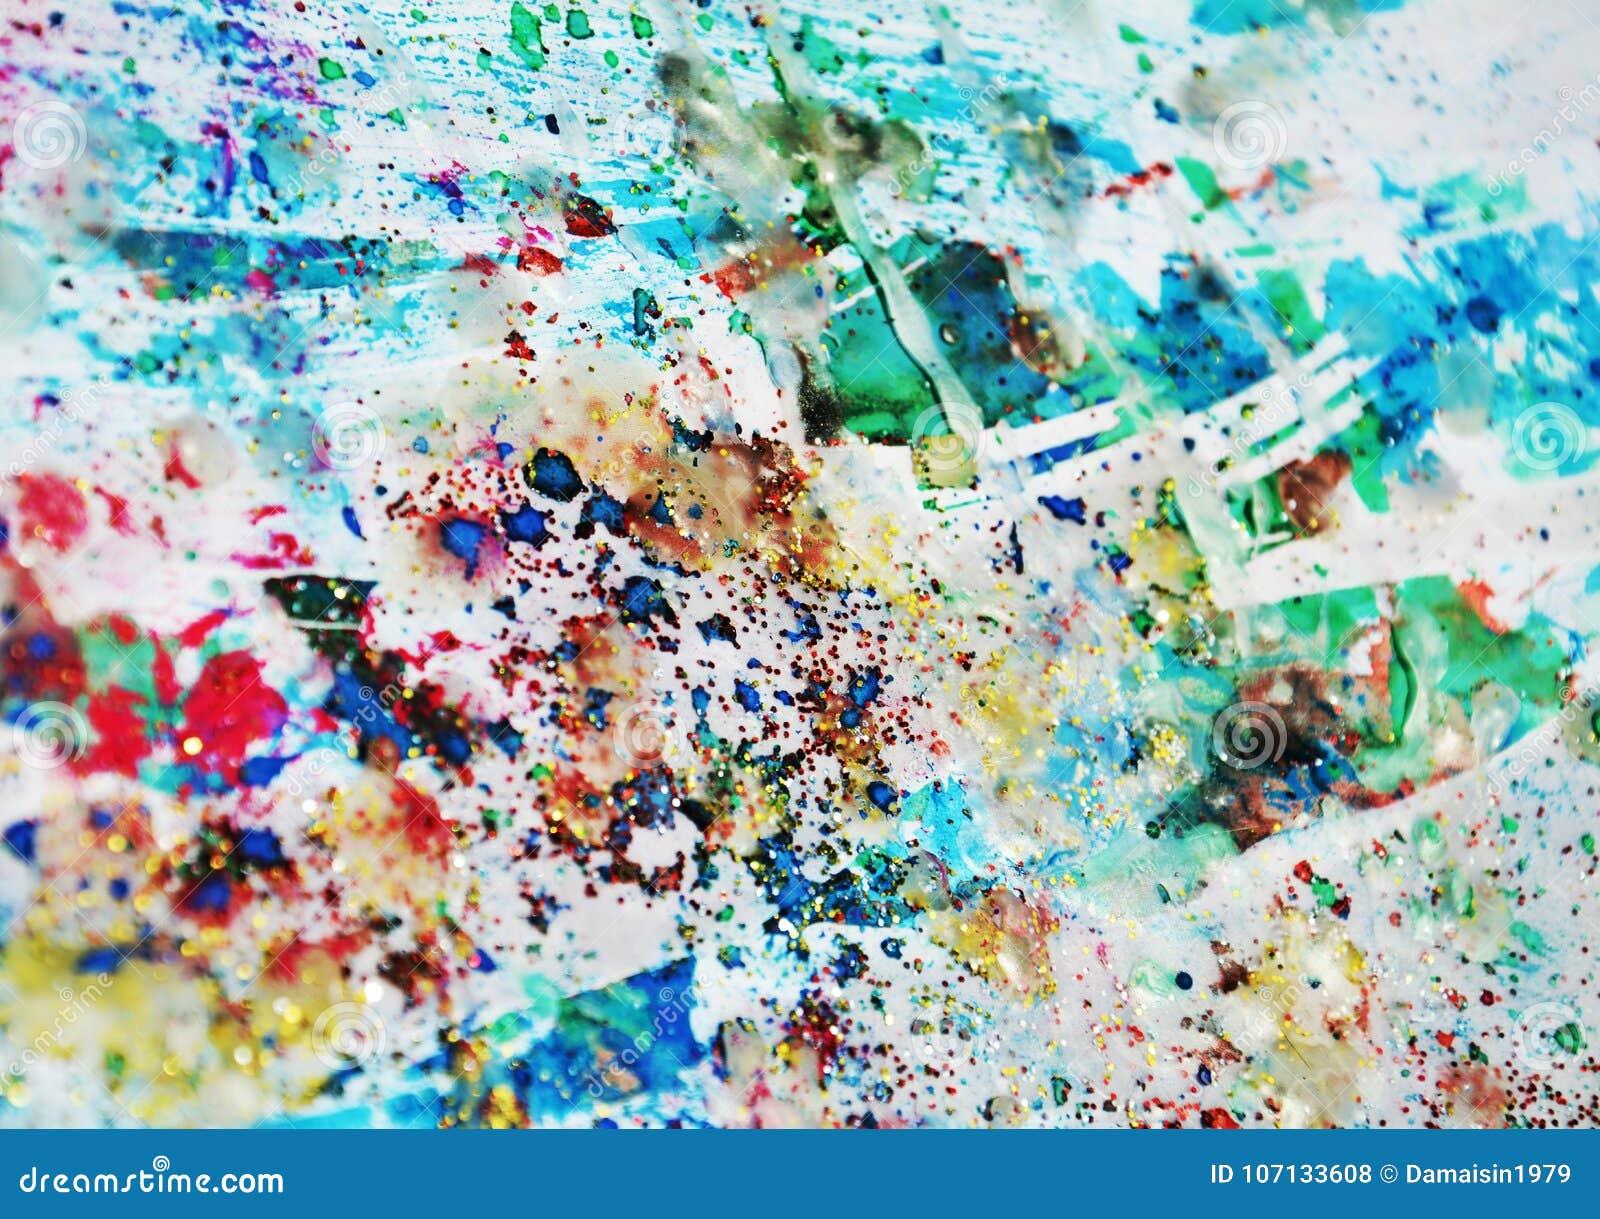 Pastellfärgad målarfärg, vaxartade fläckar, vattenfärgmålarfärg, färgrika toner